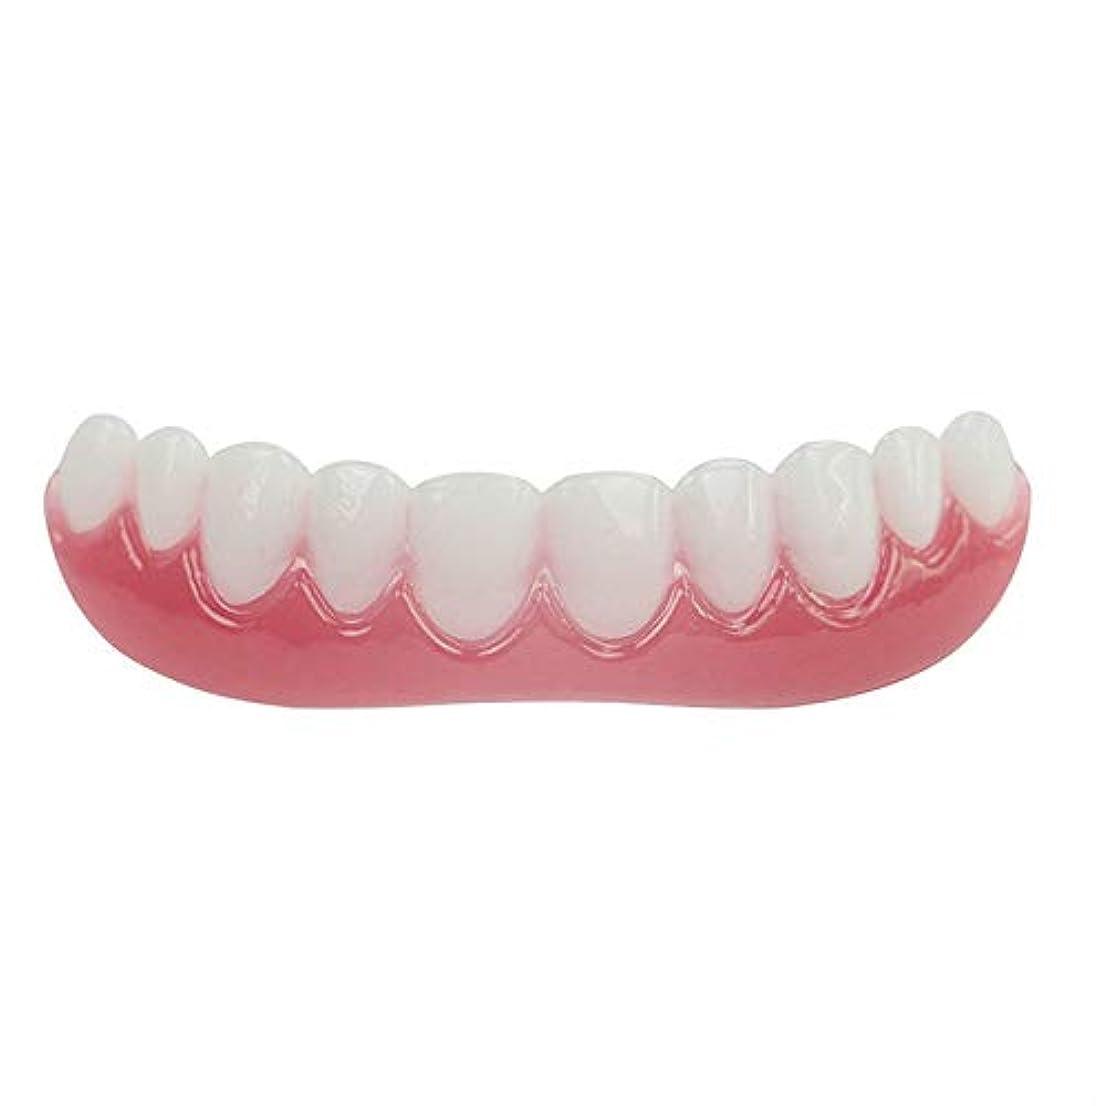 ベンチ残酷な影のあるシリコンシミュレーション義歯、歯科用ベニヤホワイトトゥースセット(1個),Boxed,Lower